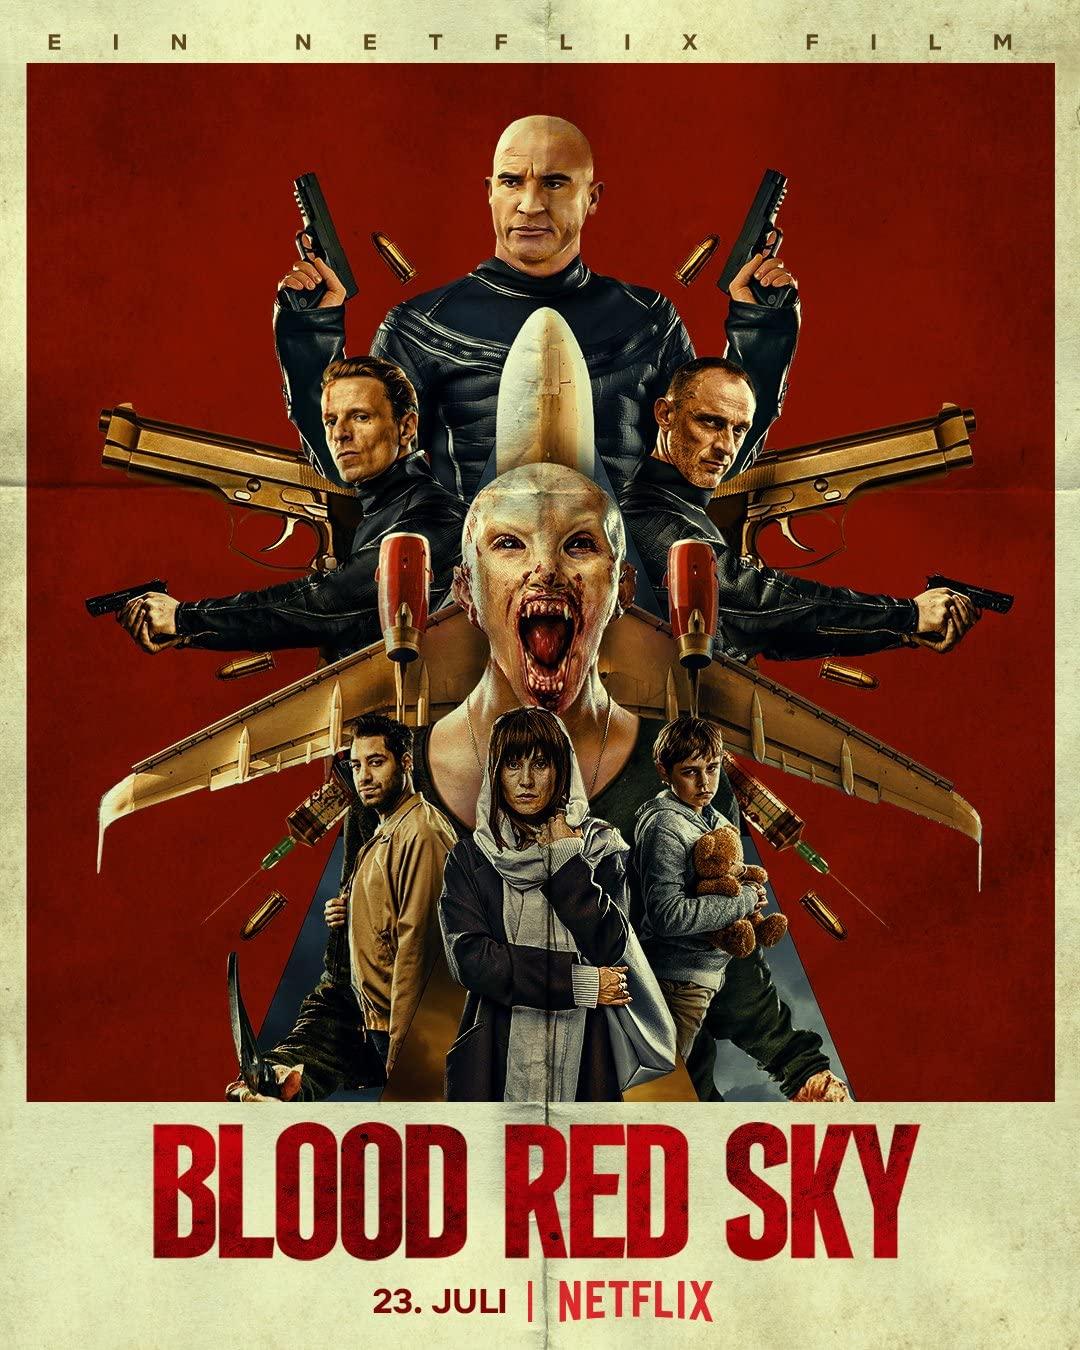 Blood Red Sky (2021) English HQ HDRip - 720p - x264 - (DD+5.1 - 192Kbps &  AAC) - 900MB - ESub - WEB-HD / iTunes-HD / BluRay - 1TamilMV.art